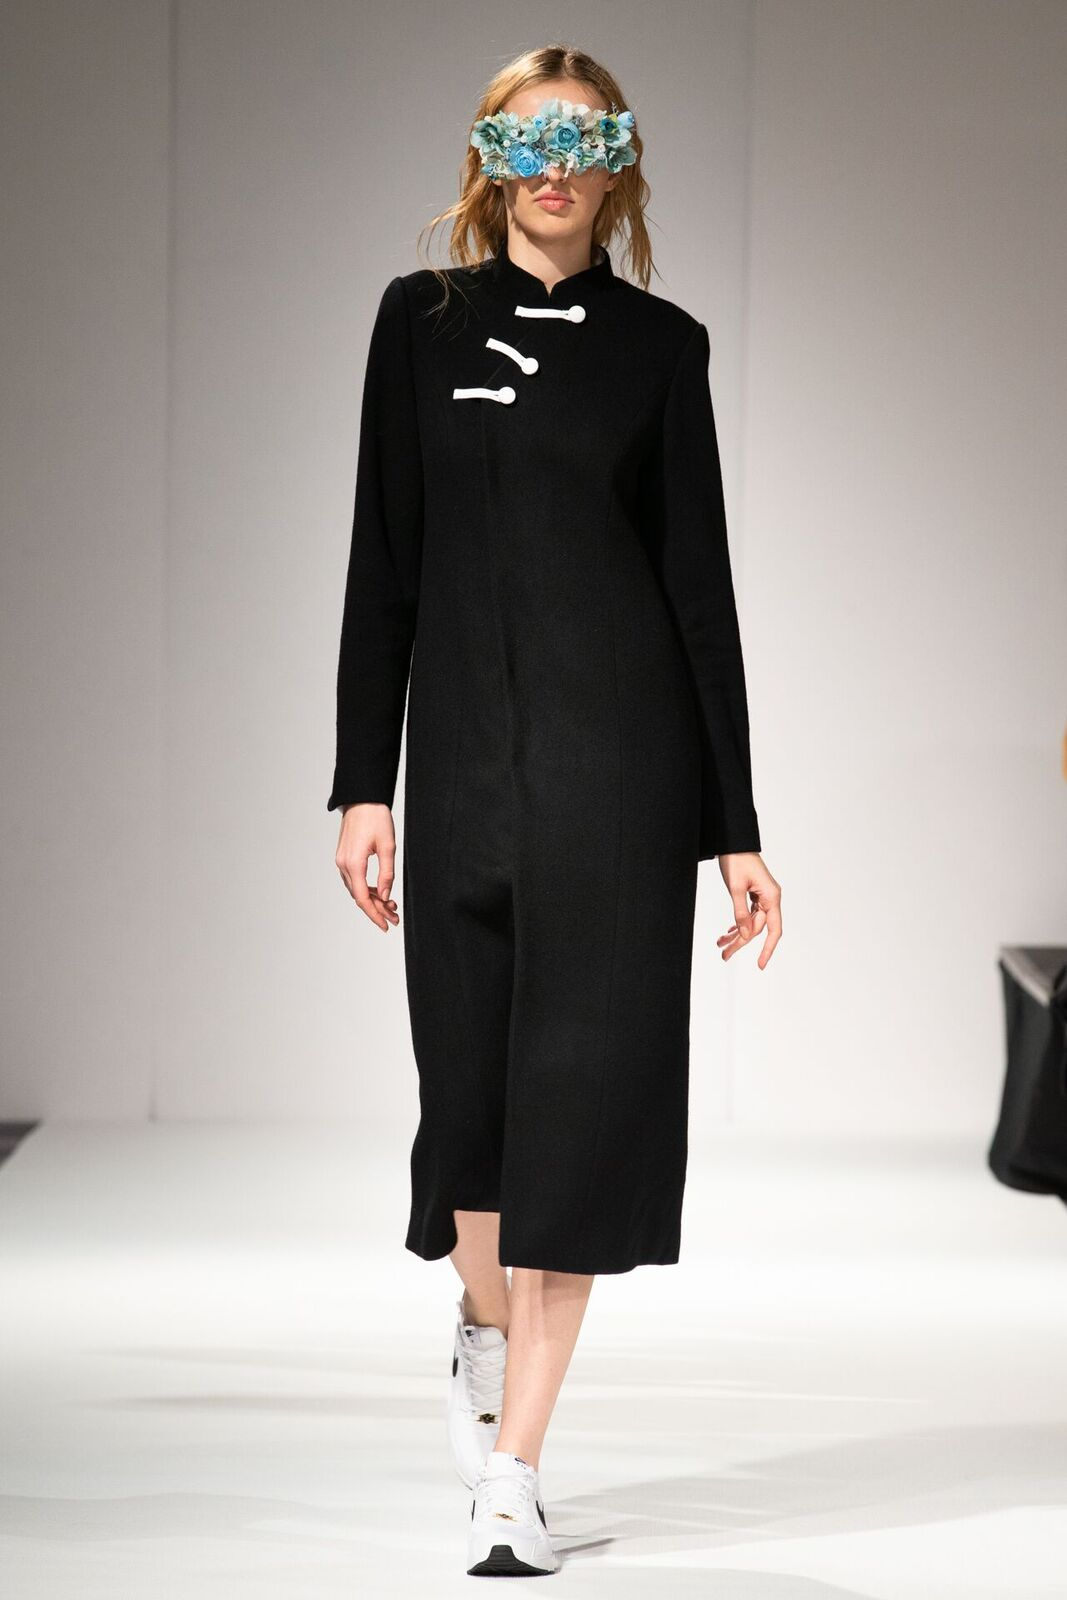 Apujan aw20 show during london fashion week (1)